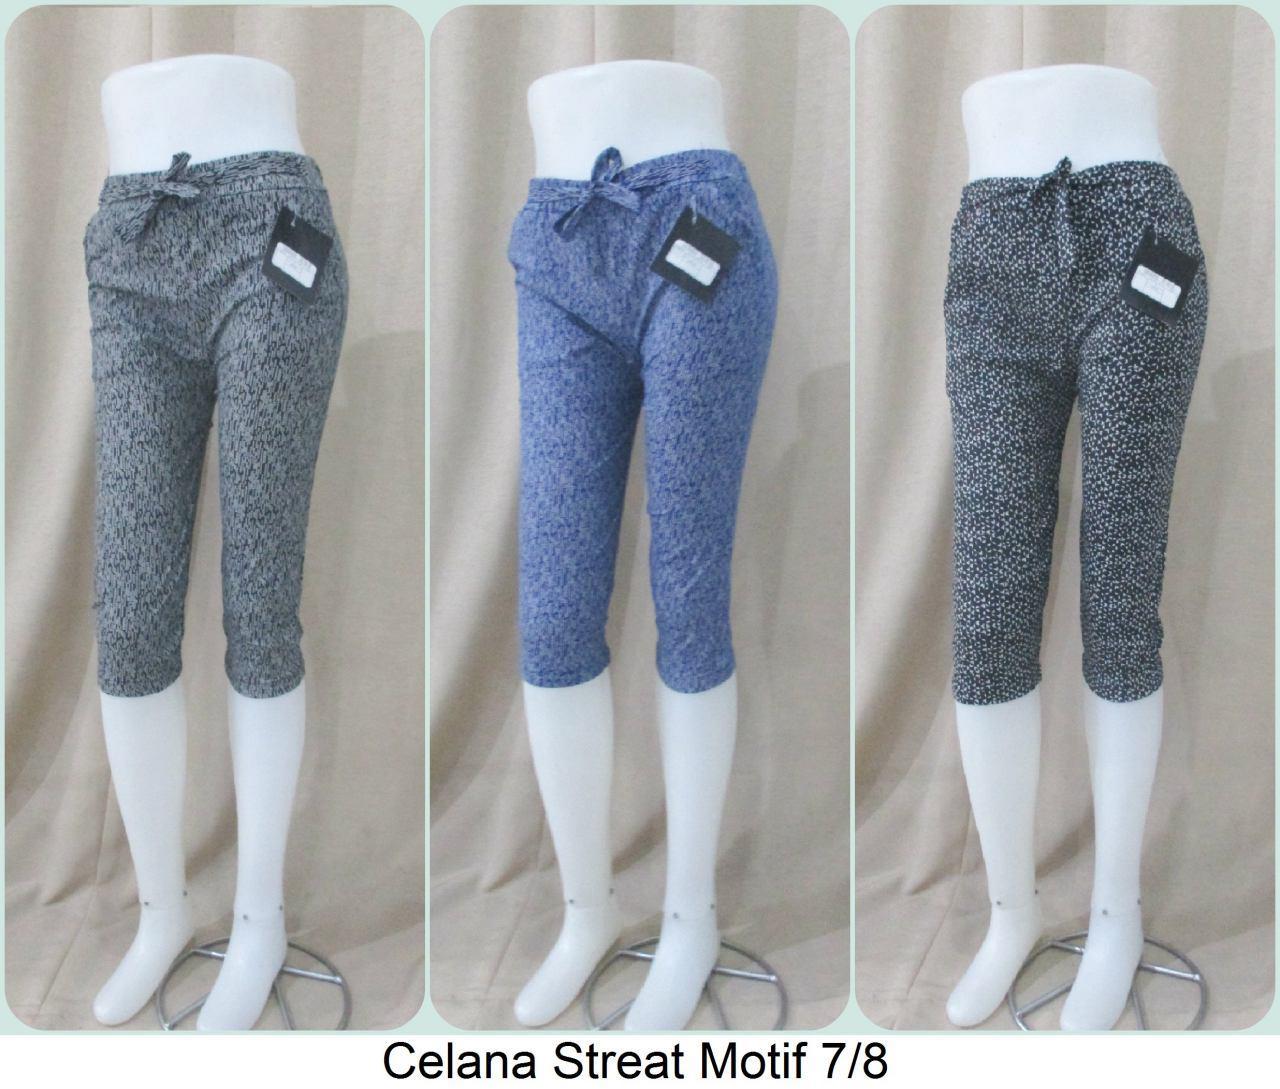 ObralanBaju.com Obral Baju Pakaian Murah Meriah 5000 Celana Stretch Motif 7/8